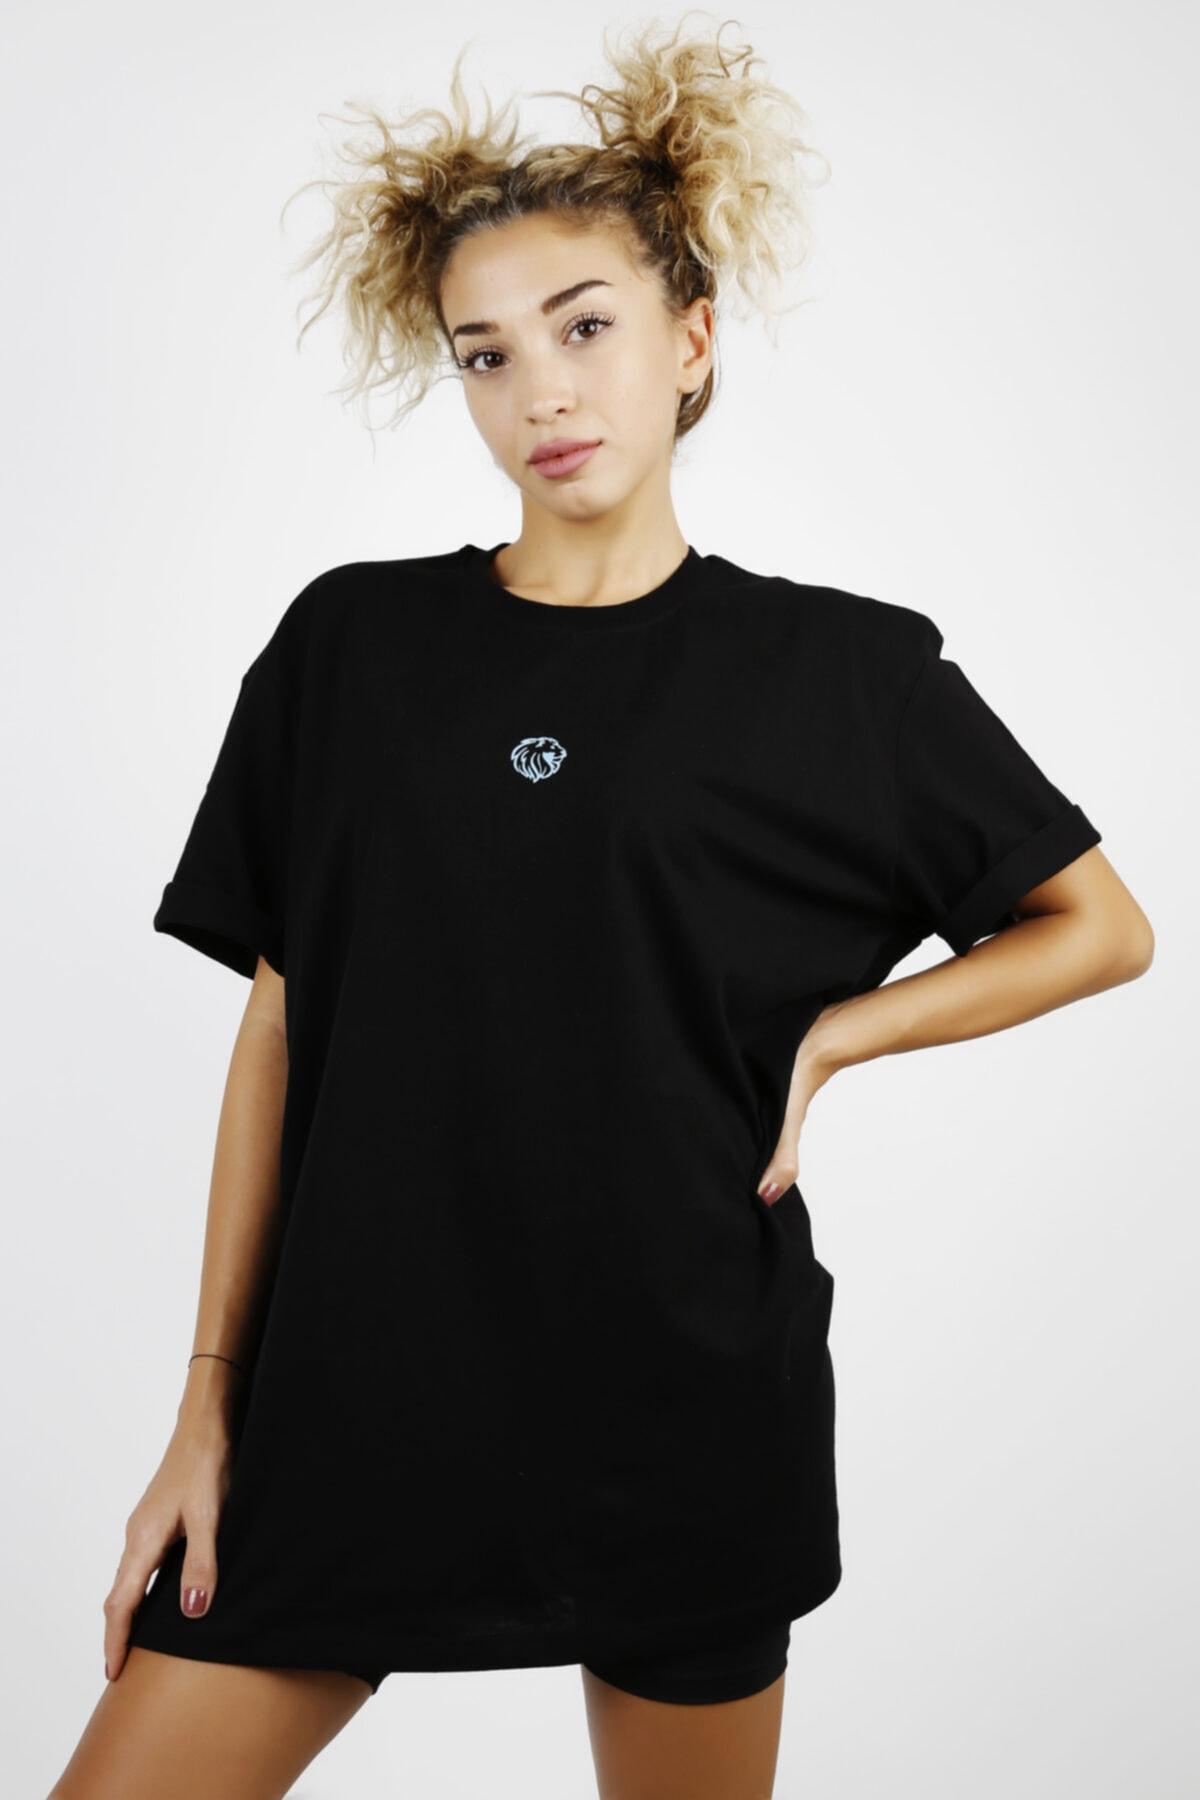 JANQ LIONA Kadın Siyah Fosfor Çivi Baskılı T-Shirt 1